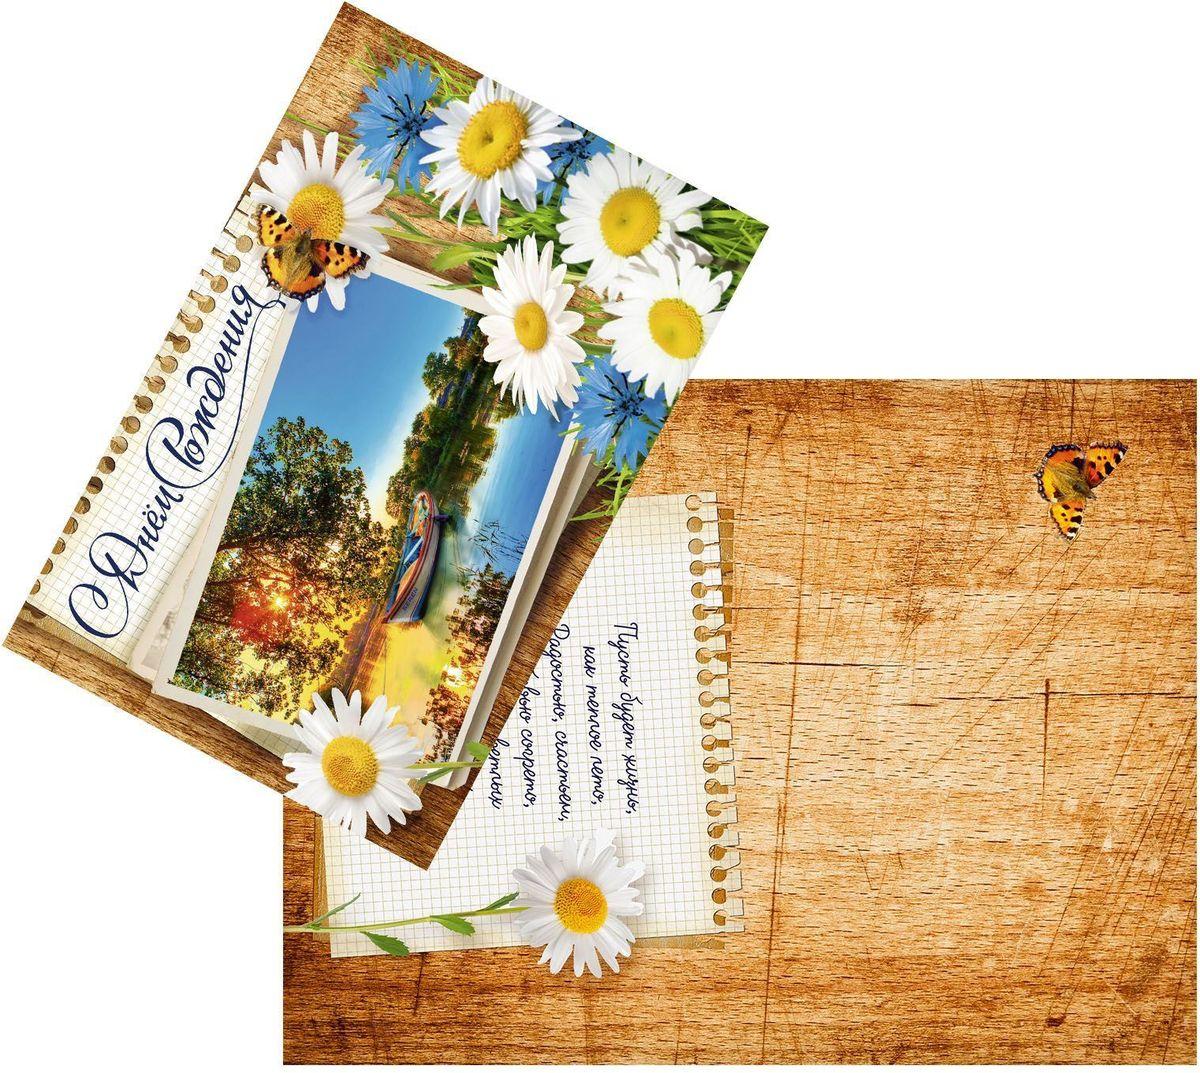 Открытка Дарите cчастье Летнее поздравление, 12 х 18 смTHN132NАтмосферу праздника создают детали: свечи, цветы, бокалы, воздушные шары и поздравительные открытки — яркие и весёлые, романтичные и нежные, милые и трогательные. Расскажите о своих чувствах дорогому для вас человеку, поделитесь радостью с близкими и друзьями. Открытка с креативным дизайном вам в этом поможет.